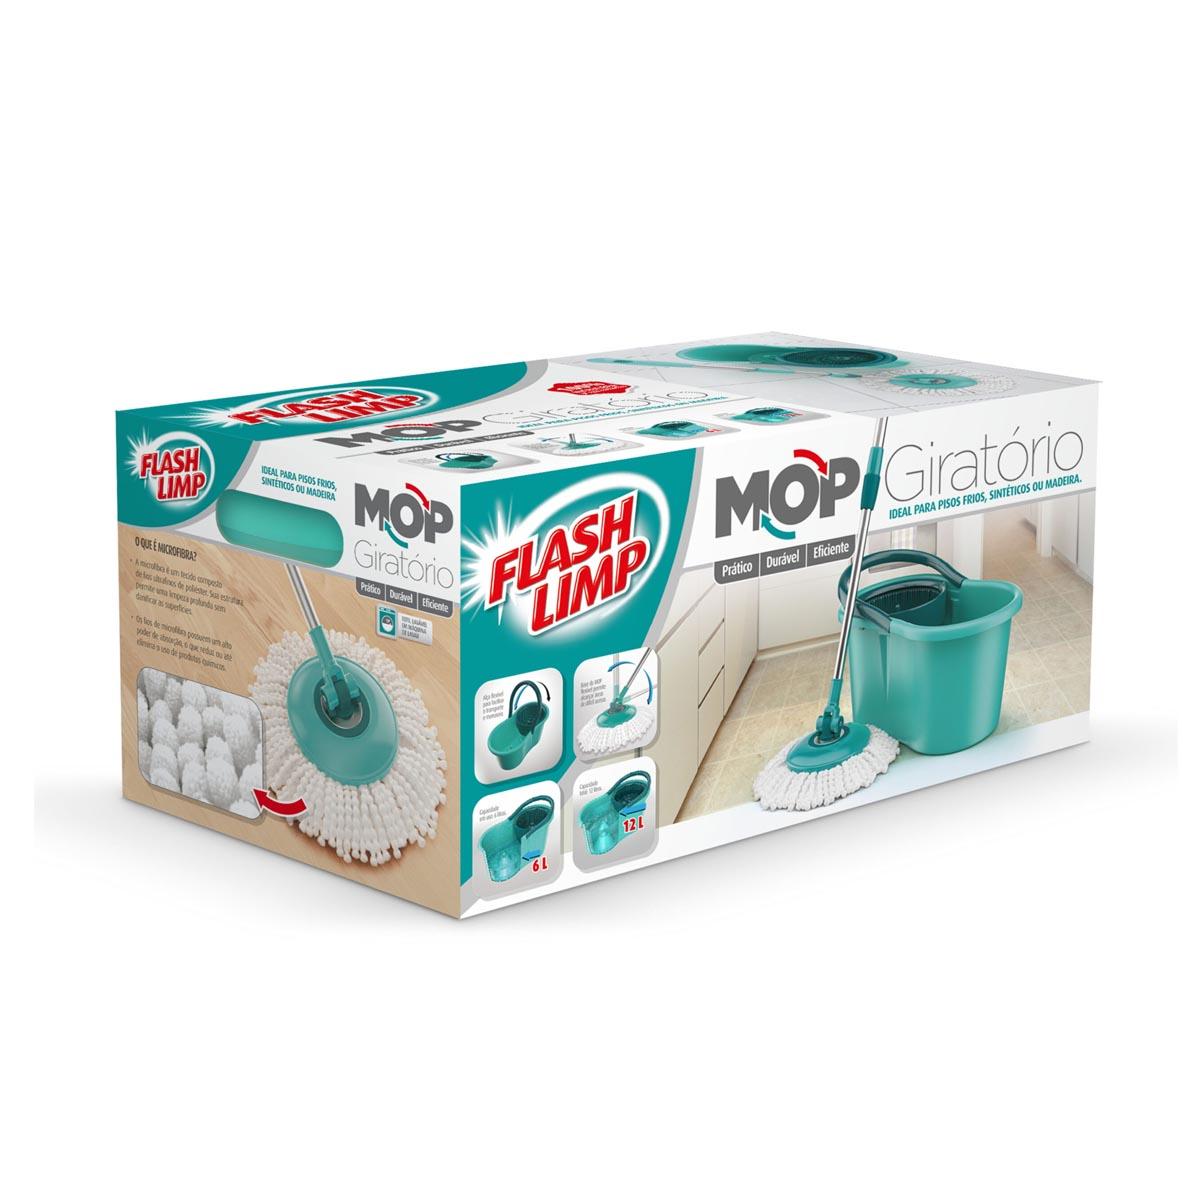 Mop Giratório Flash Limp 12 Litros Verde Água MOP8209